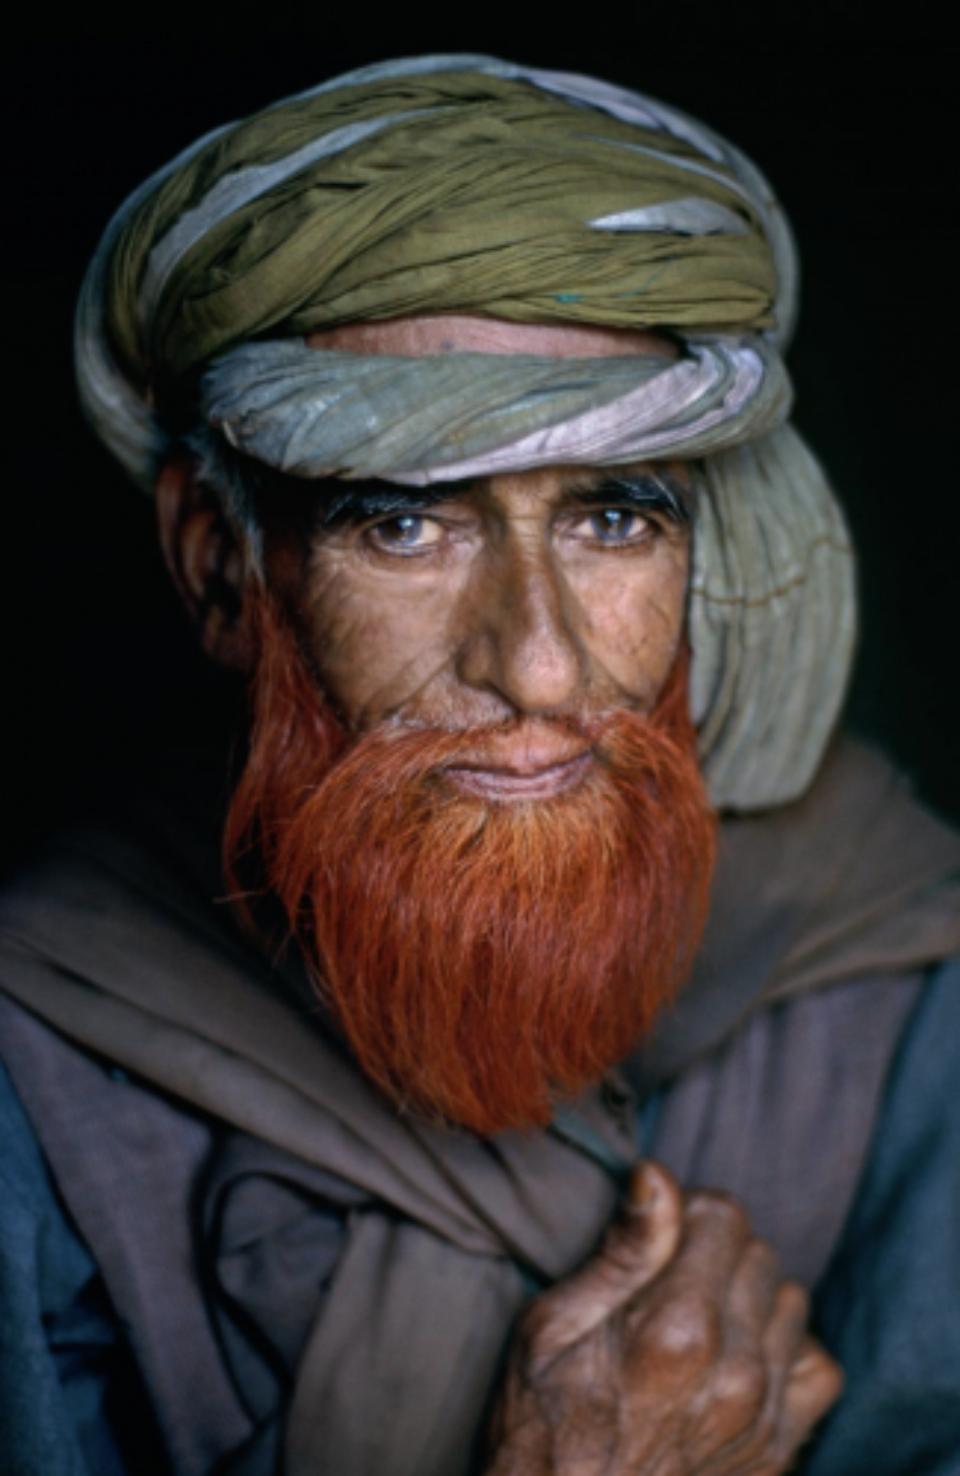 Man with henna beard Srinagar, Kashmir, 1995